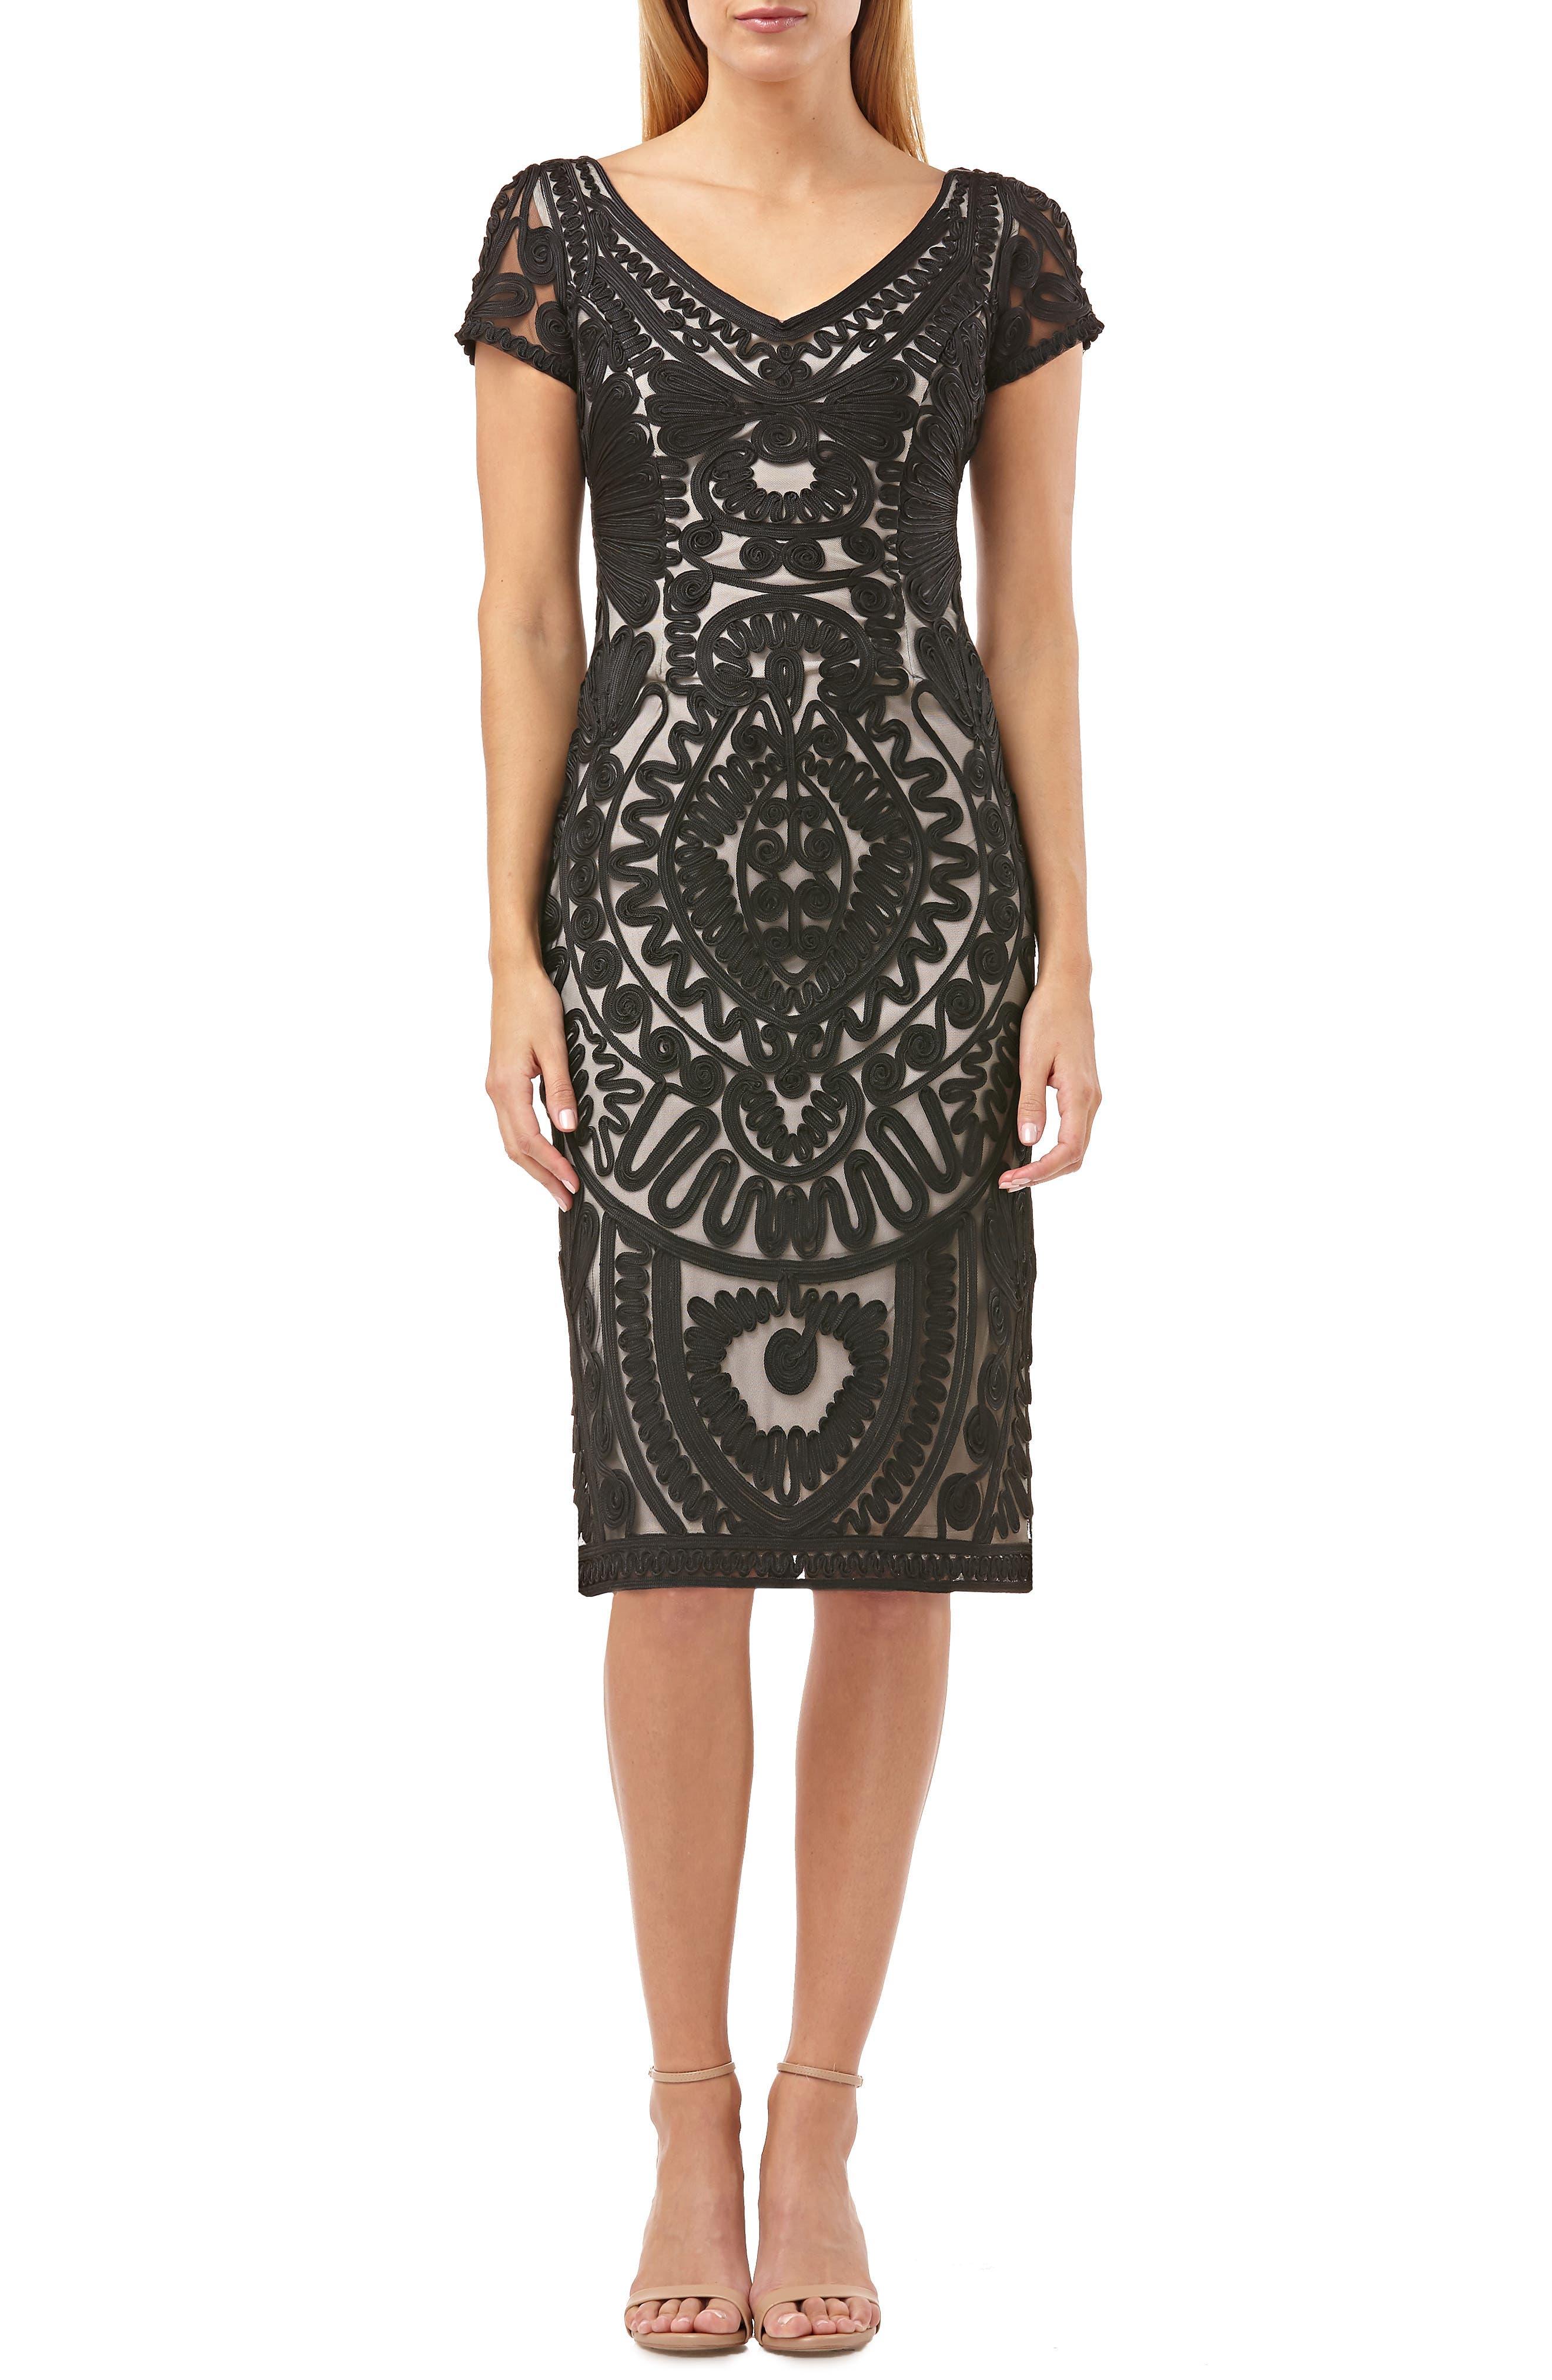 Short Sleeve Soutache Mesh Cocktail Dress, Main, color, BLACK/ VANILLA